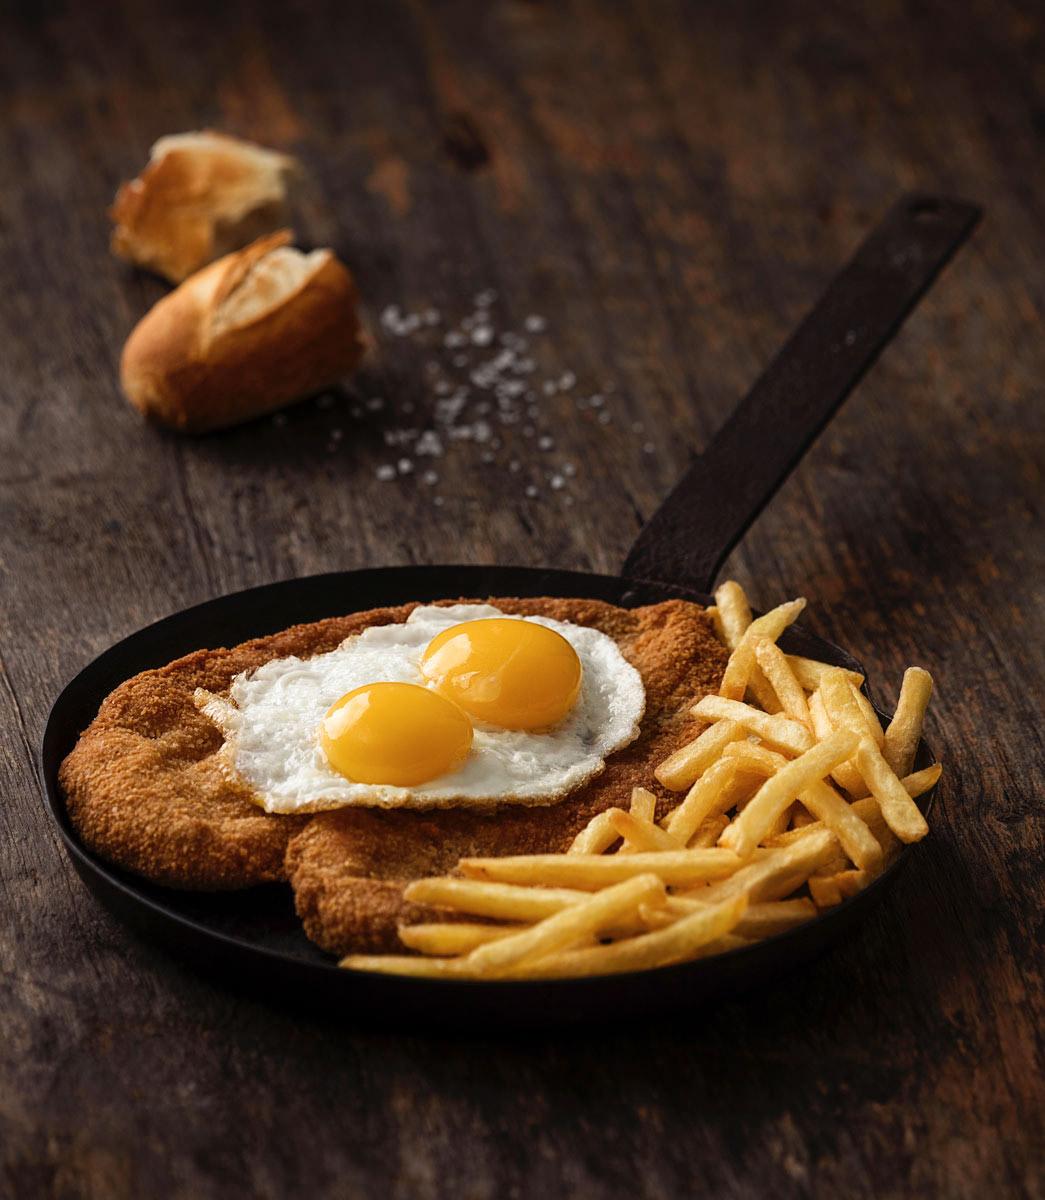 Food Photography Www Fernandabonserio Com Ar